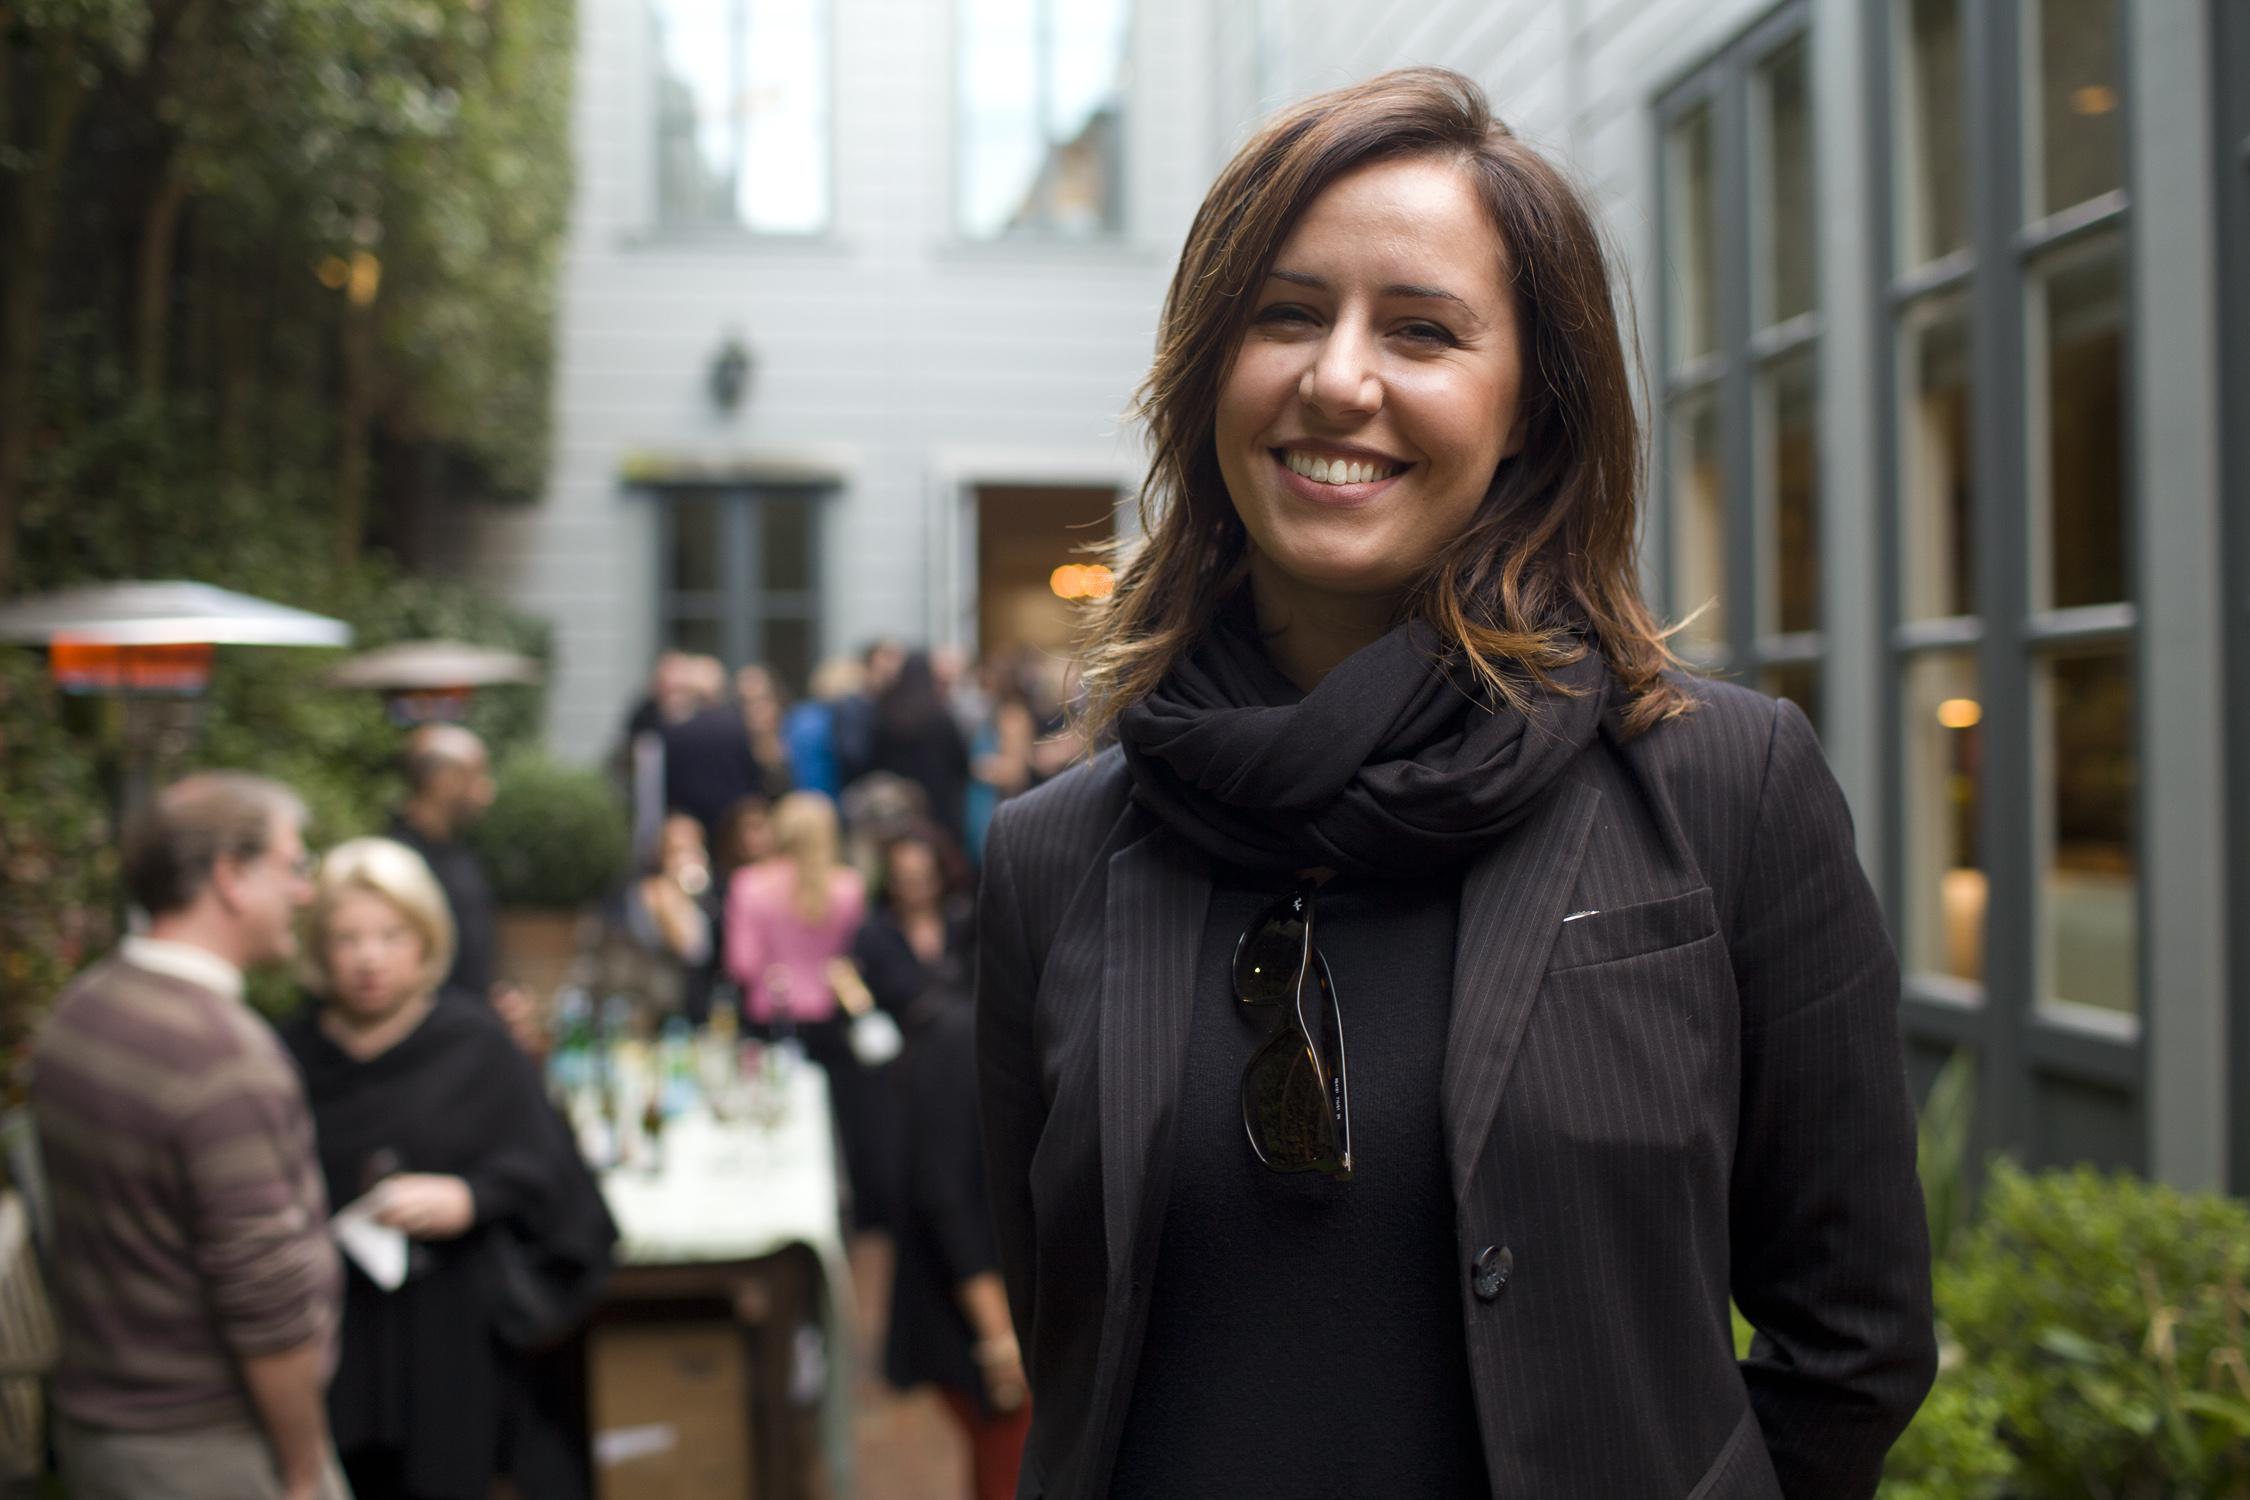 Filmmaker Alessia Scarso